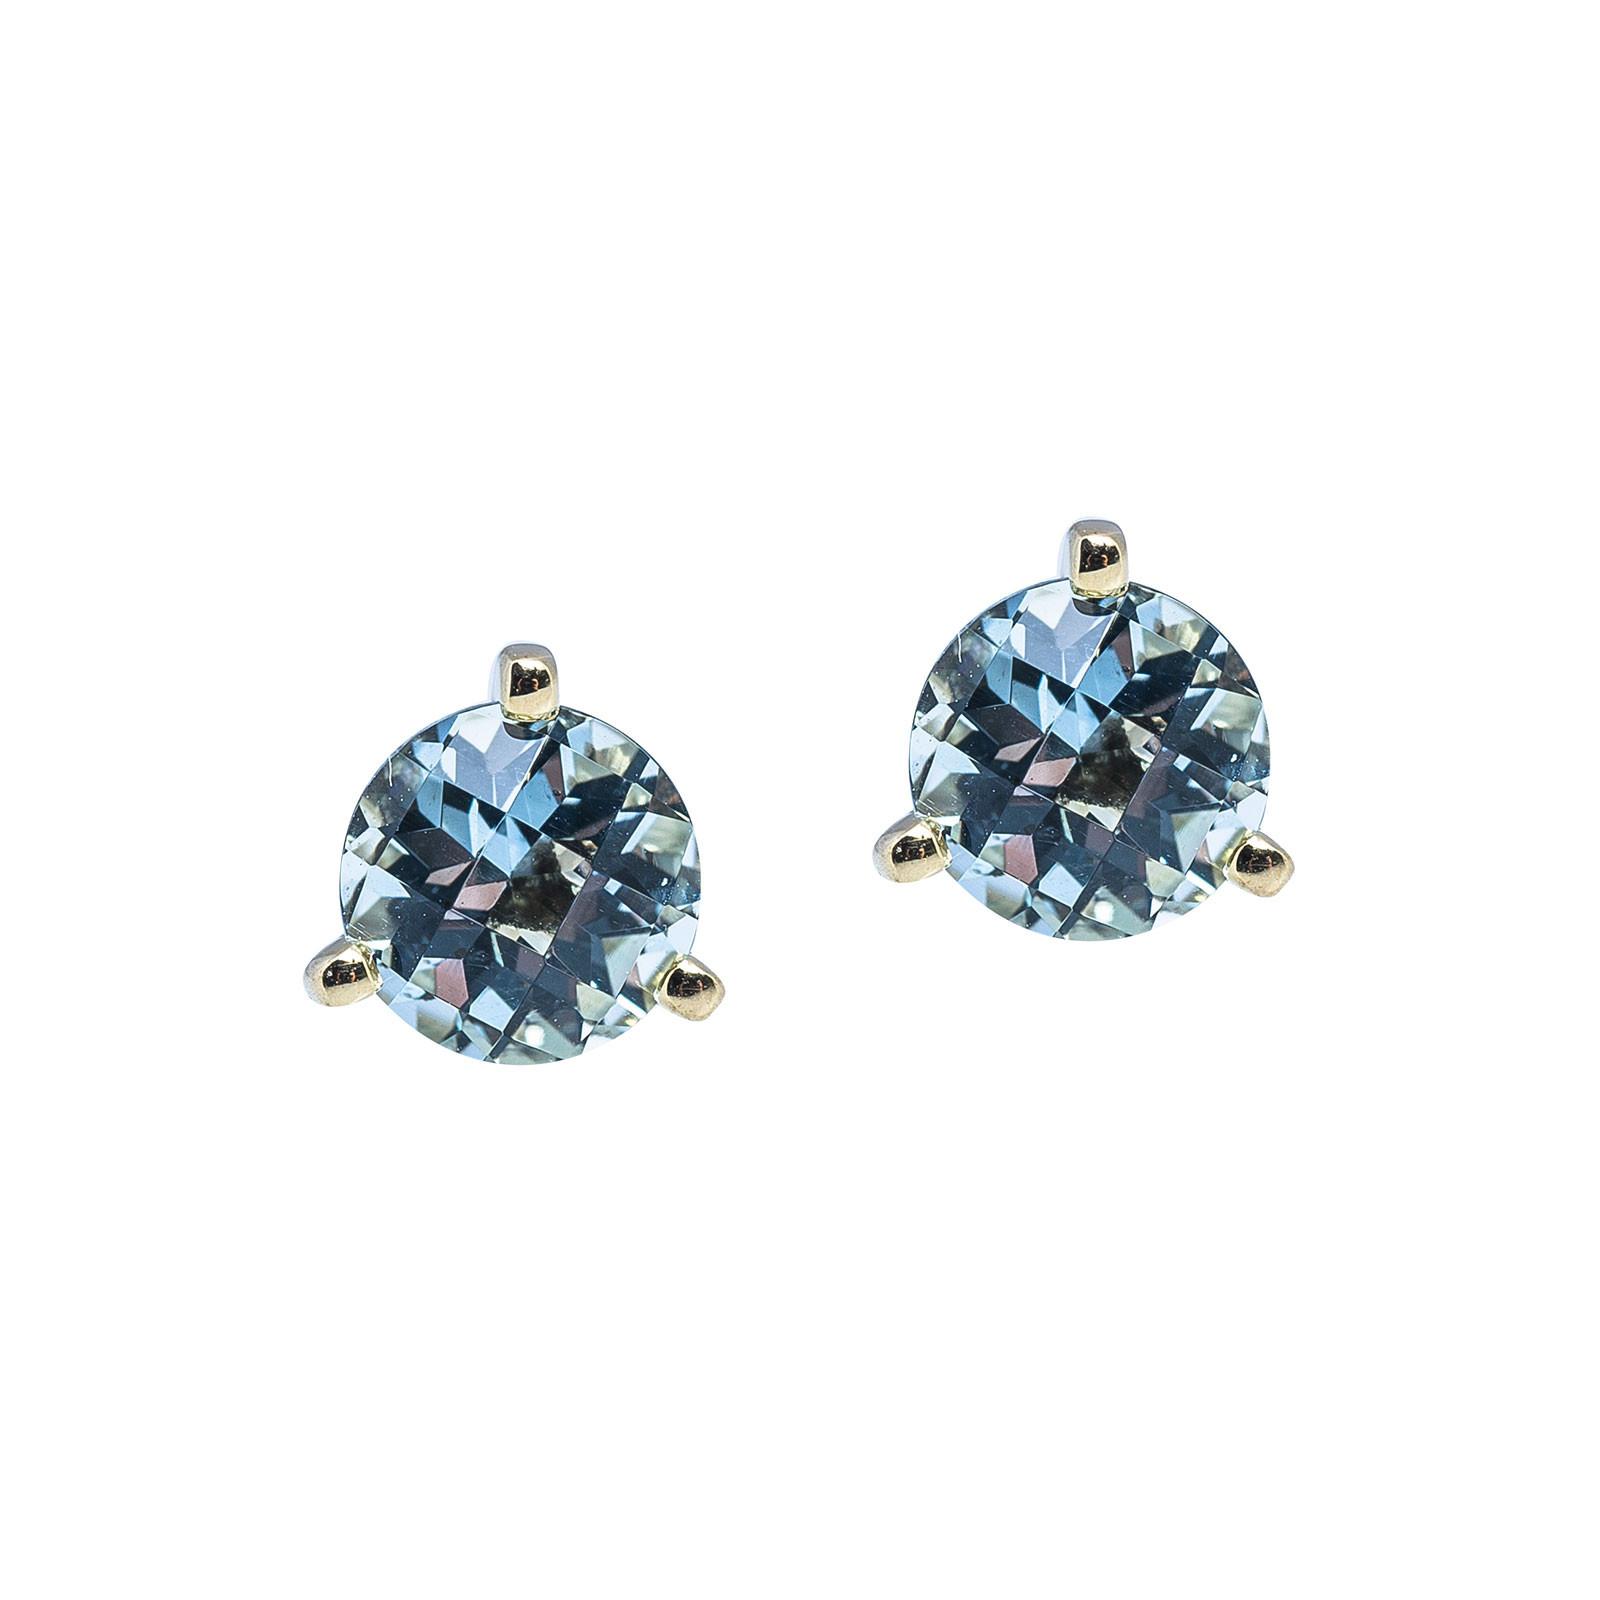 New 1.46 CTW Aquamarine Stud Earrings